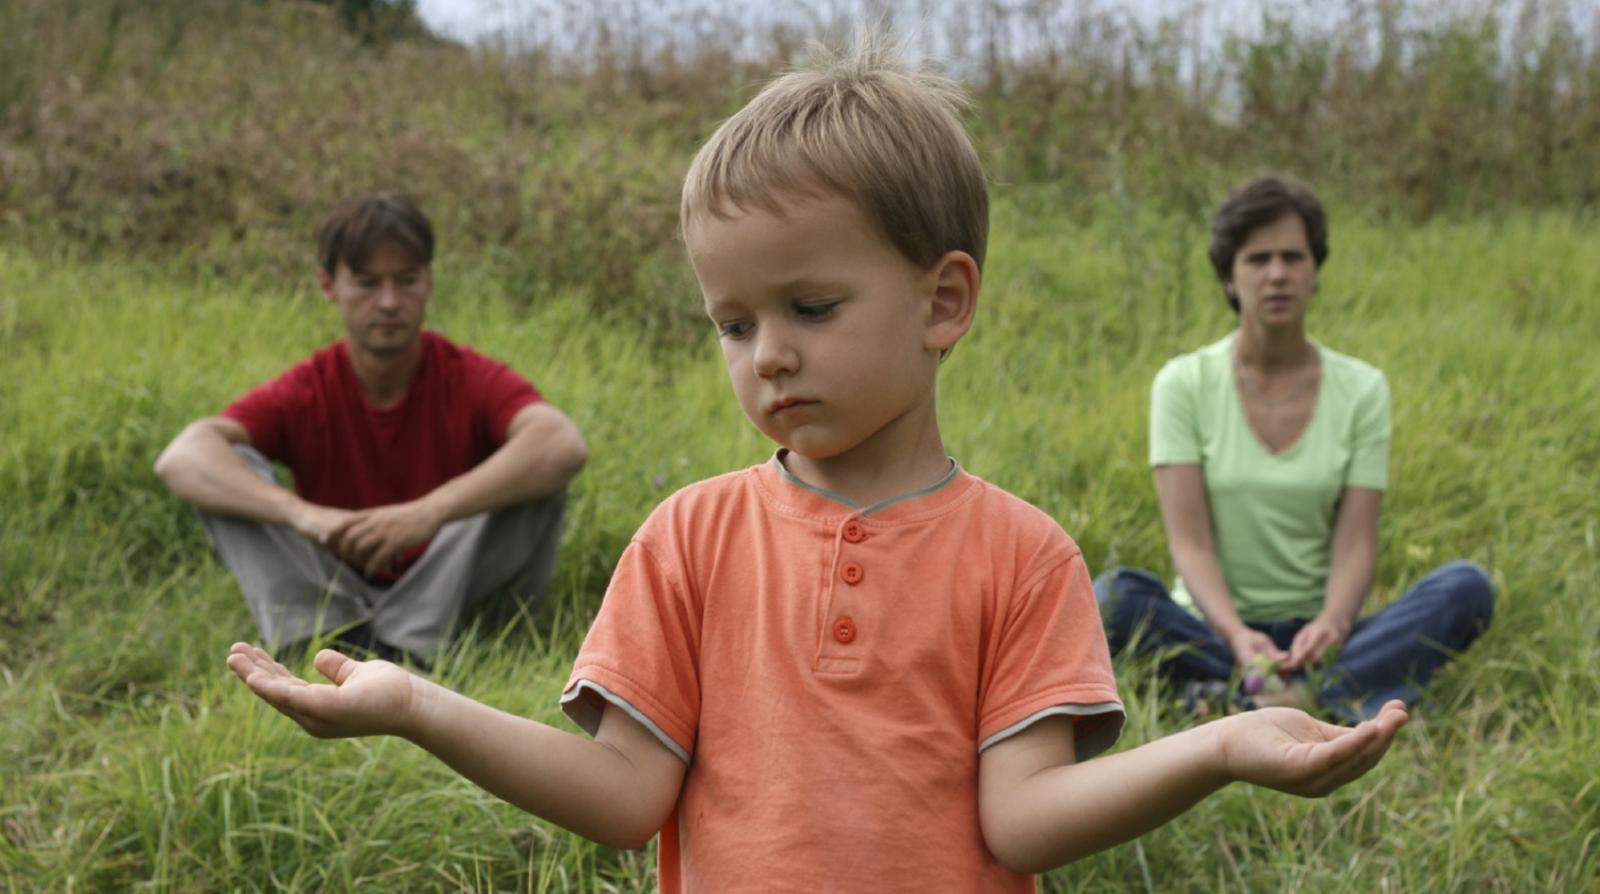 Αποφεύγοντας τα δέκα πιο σημαντικά λάθη των γονιών. | Άνθια Χριστοδούλου Θεοφίλου | Anthia.net